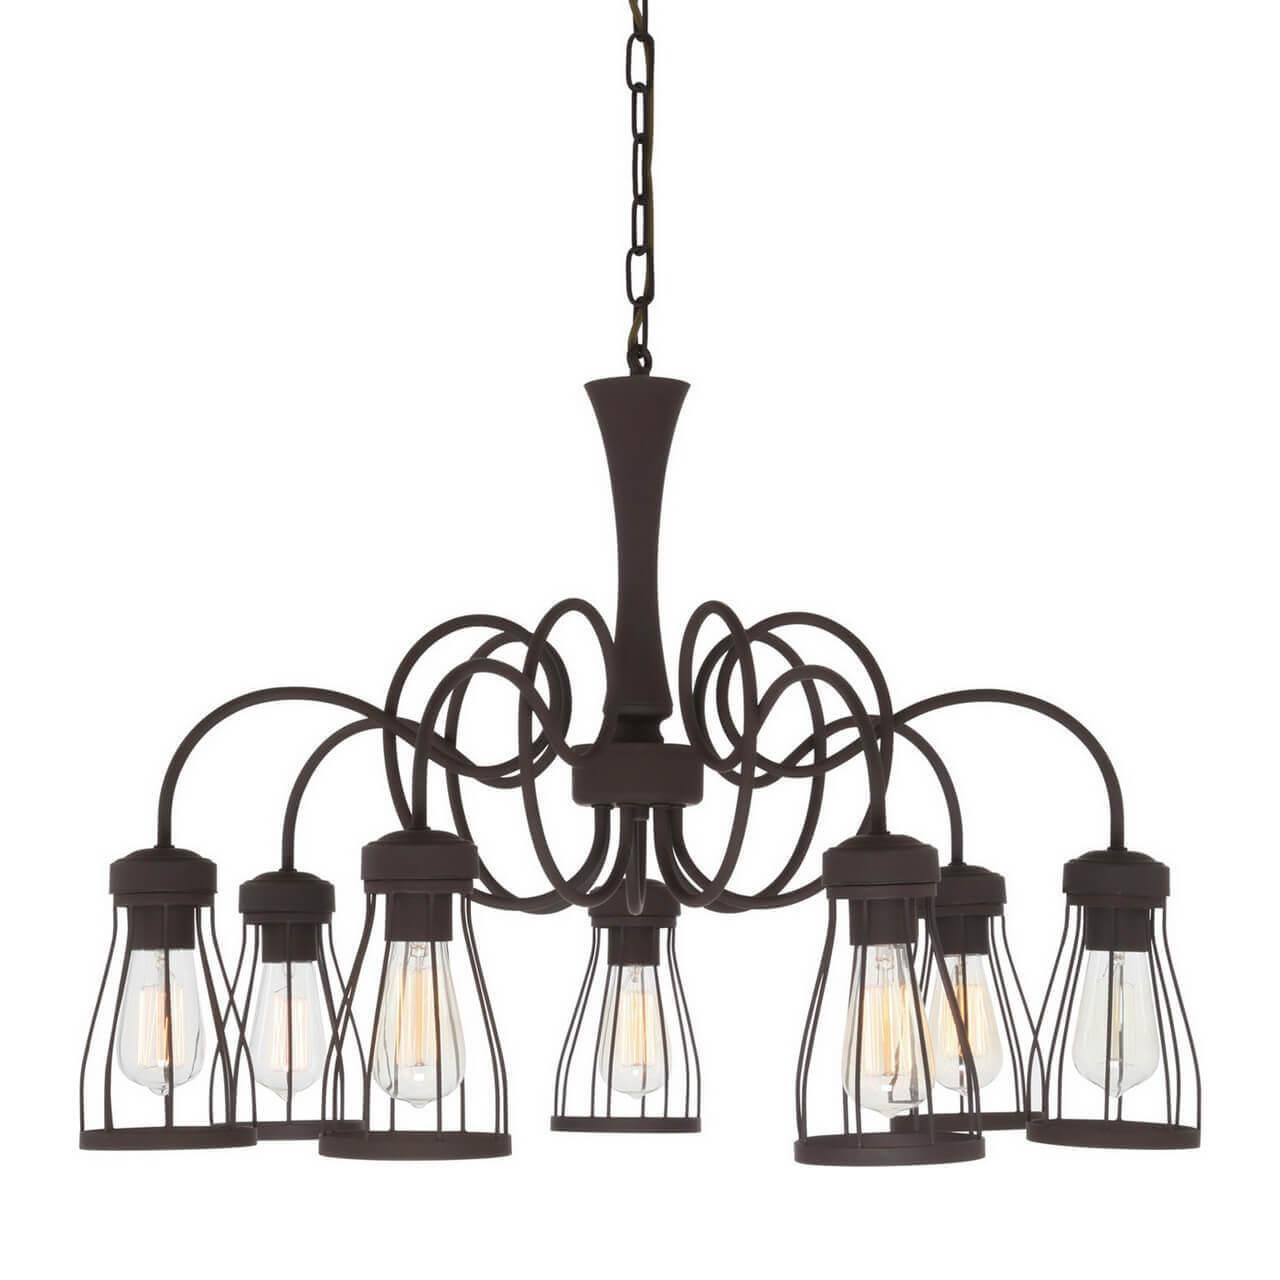 цена на Подвесной светильник Favourite 1423-7P, E27, 60 Вт